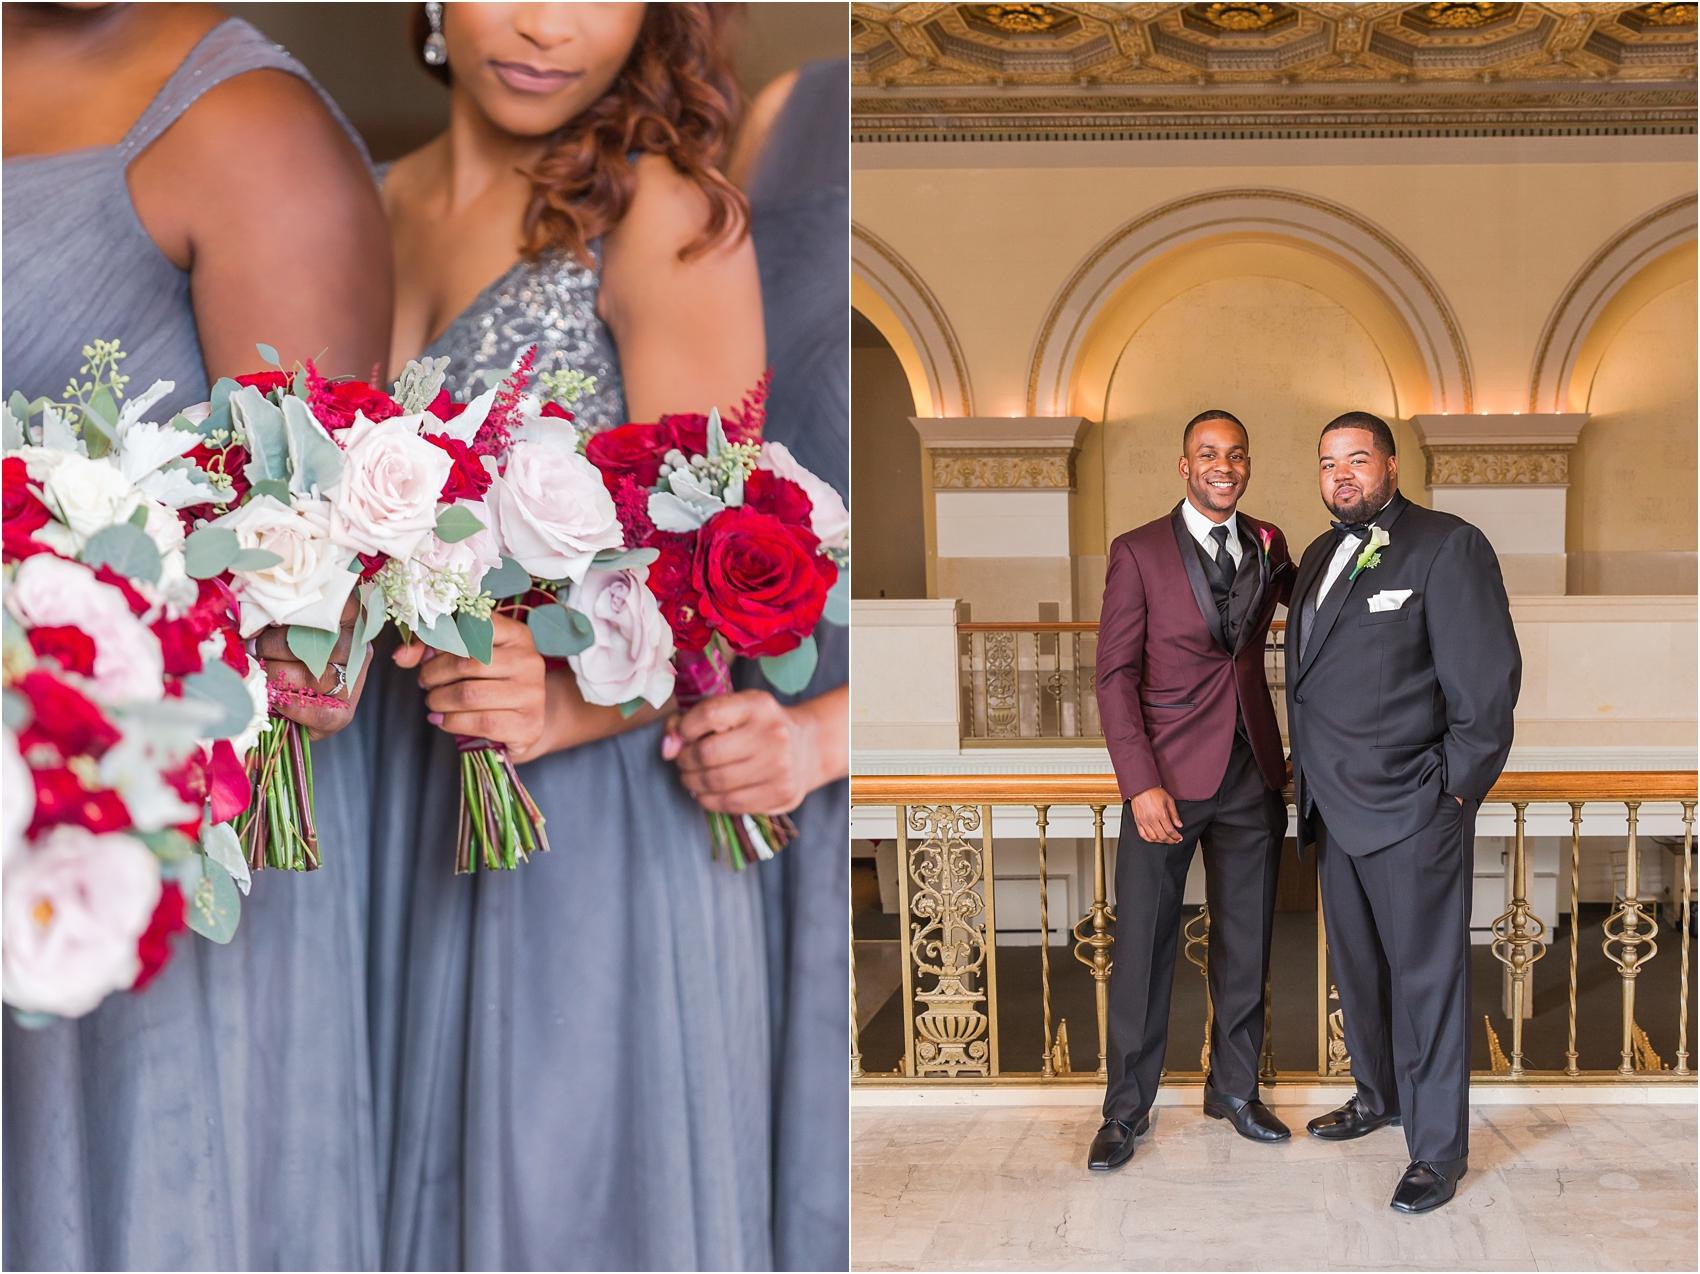 minimalist-and-modern-wedding-photos-at-30-north-saginaw-in-pontiac-michigan-by-courtney-carolyn-photography_0020.jpg